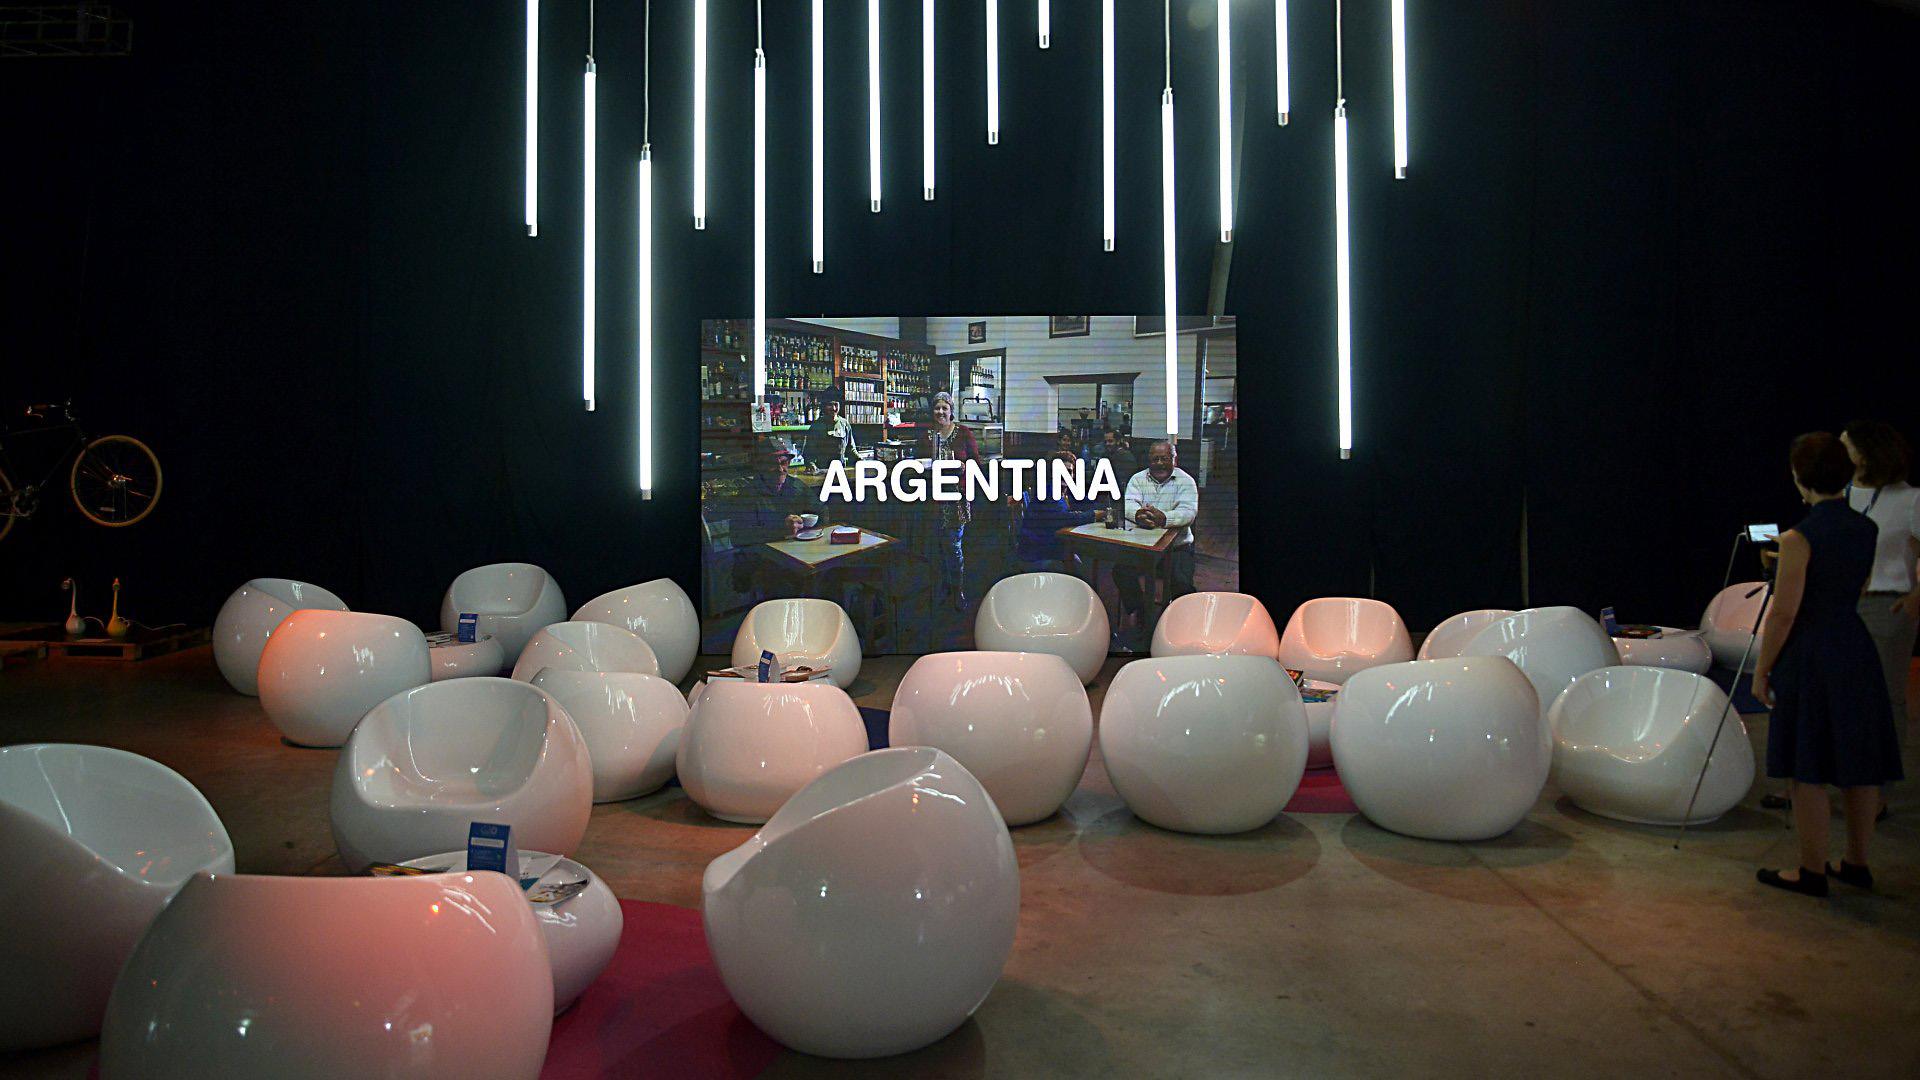 En los livings hubo a disposición sillones blancos para hacer transmisiones en vivo por las redes sociales junto a otros espacios para tomar café